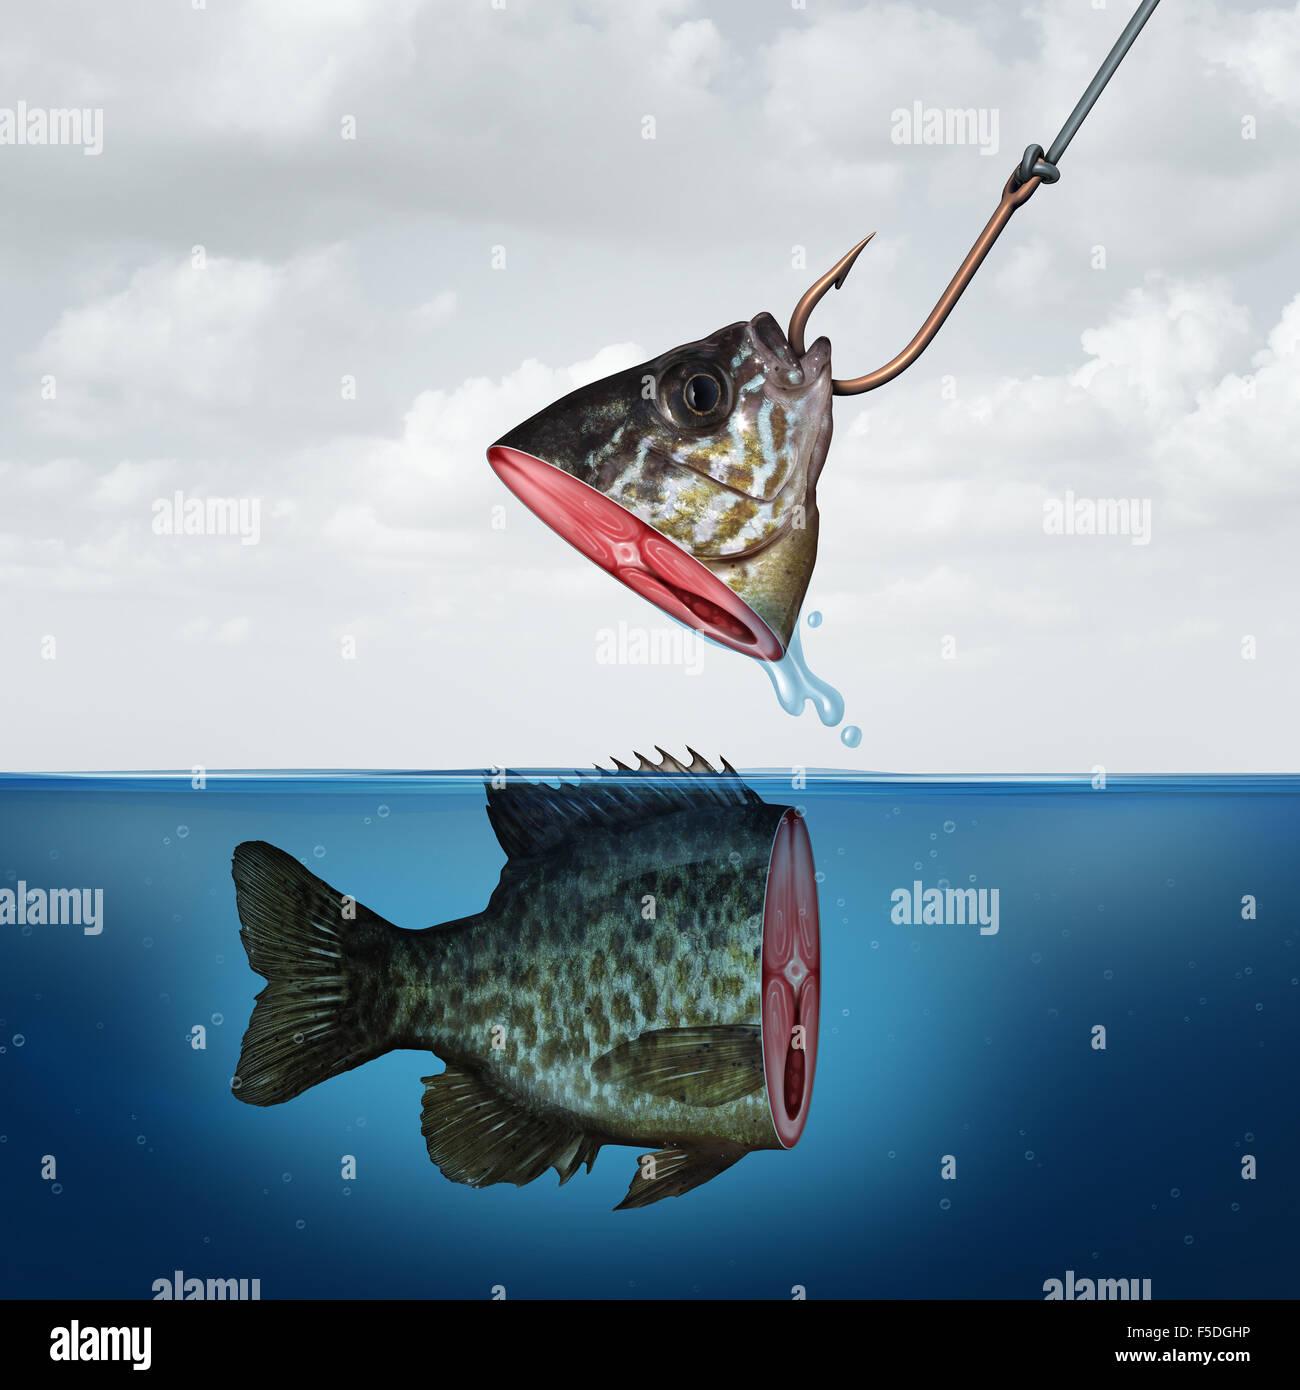 Enttäuschenden Gewinn-Business-Konzept als eine partielle Fischkopf am Haken mit übereinstimmed Rest seines Stockbild